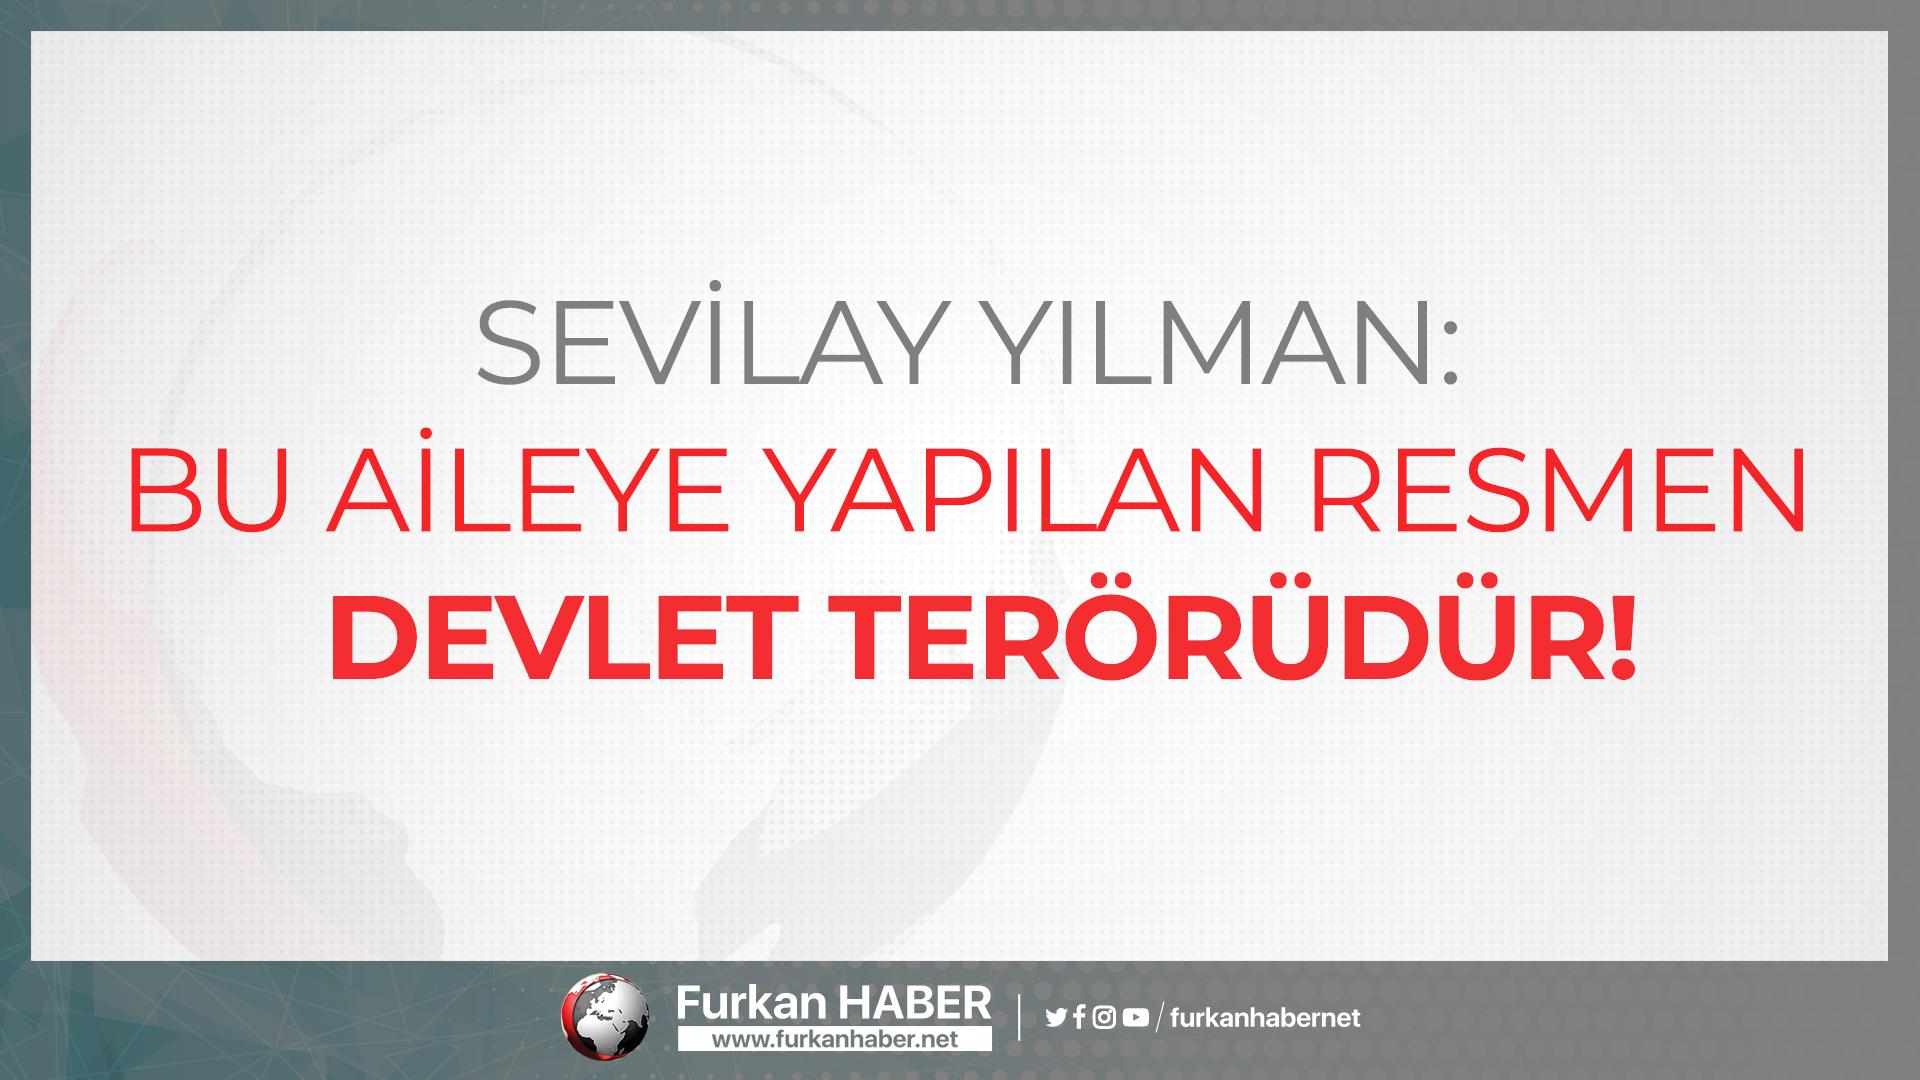 Sevilay Yılman: Bu Aileye Yapılan Resmen Devlet Terörüdür!